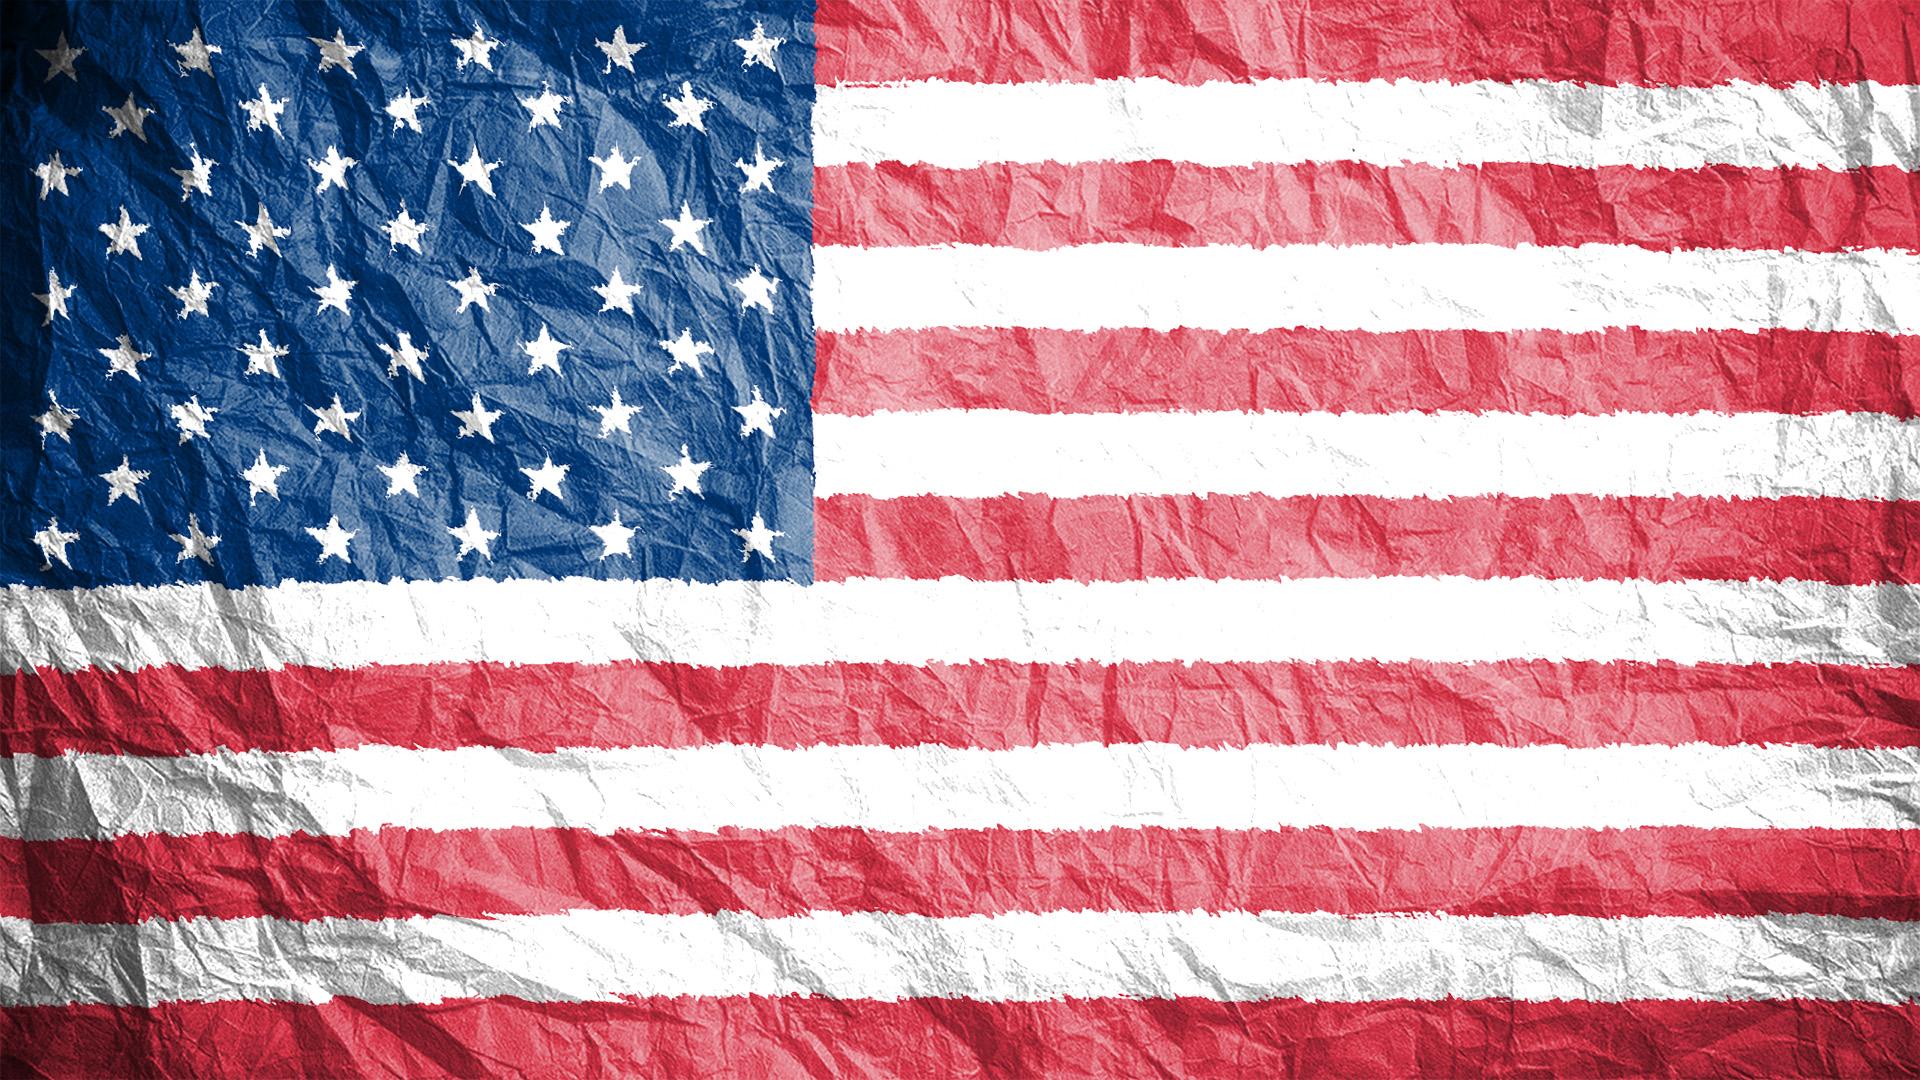 Flagge der Vereinigten Staaten 017  Hintergrundbild